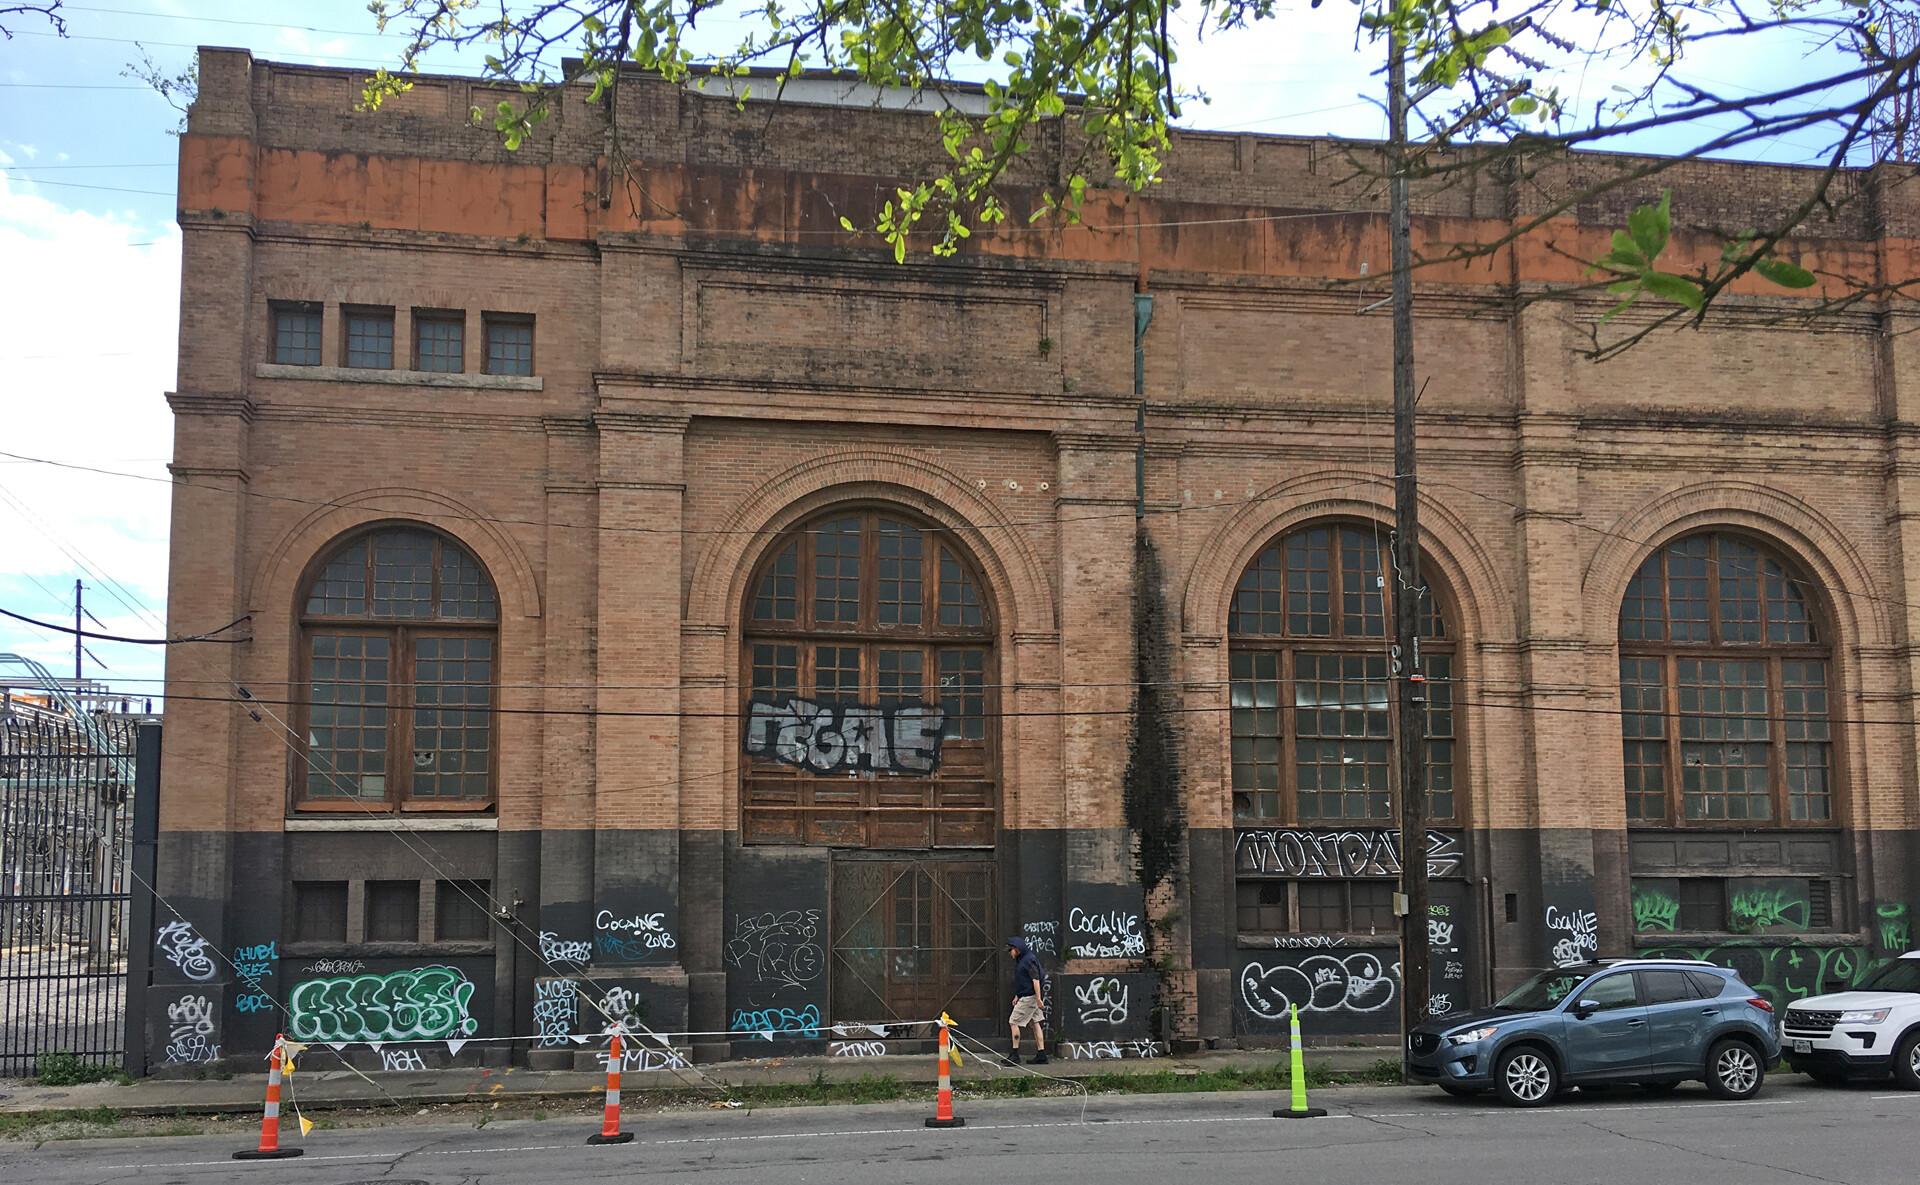 Old Garage location